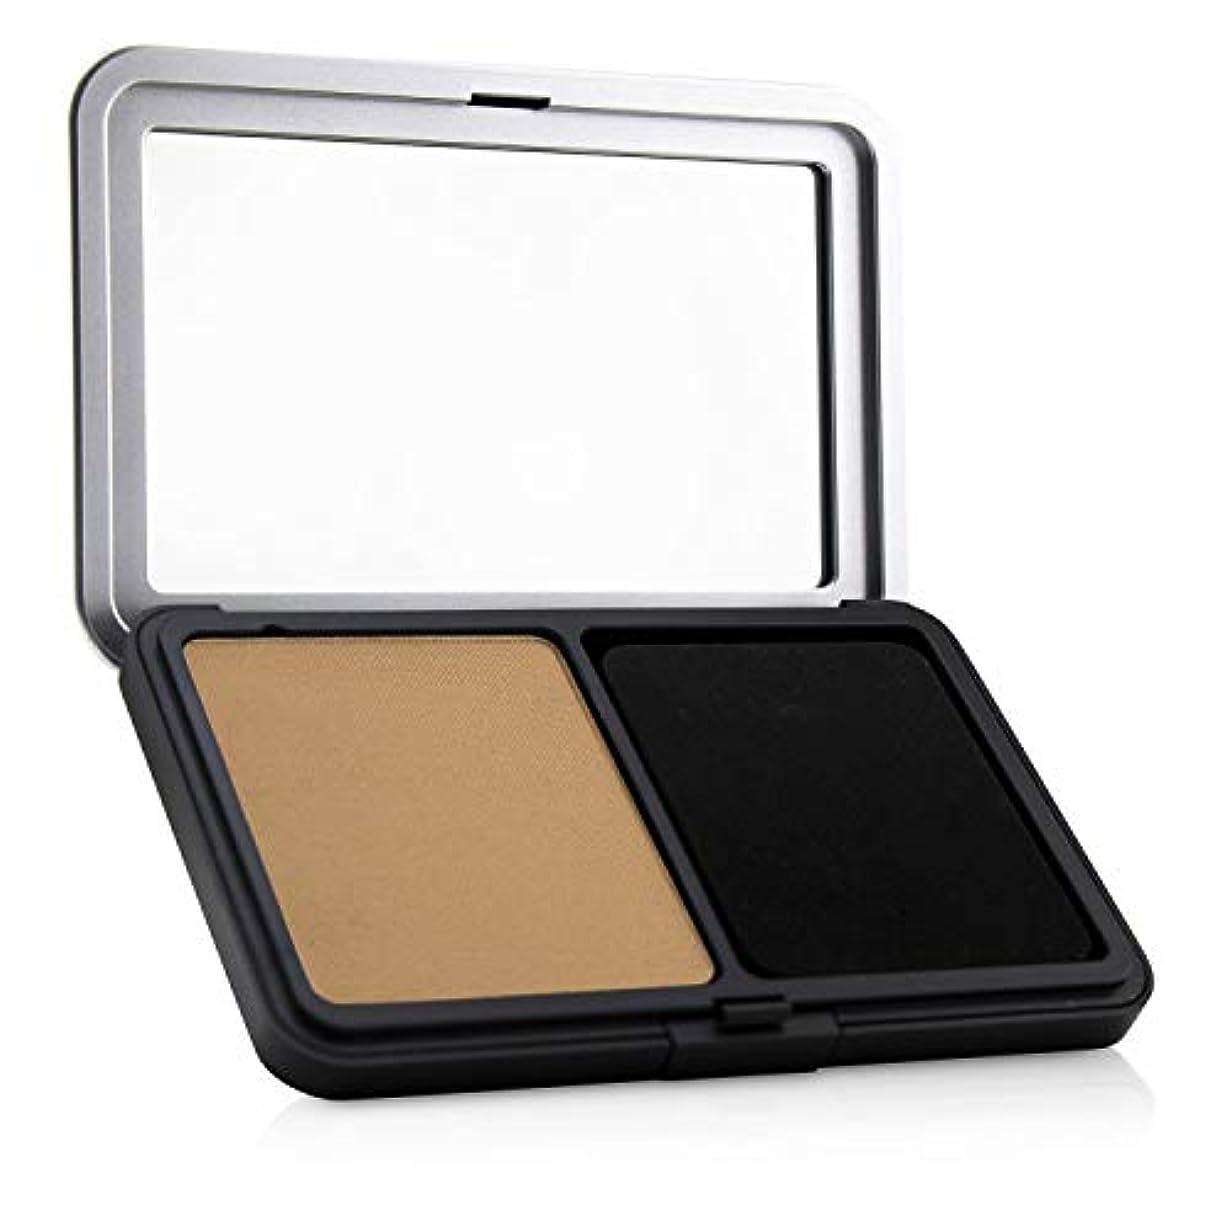 吹きさらし除外する体操メイクアップフォーエバー Matte Velvet Skin Blurring Powder Foundation - # R370 (Medium Beige) 11g/0.38oz並行輸入品